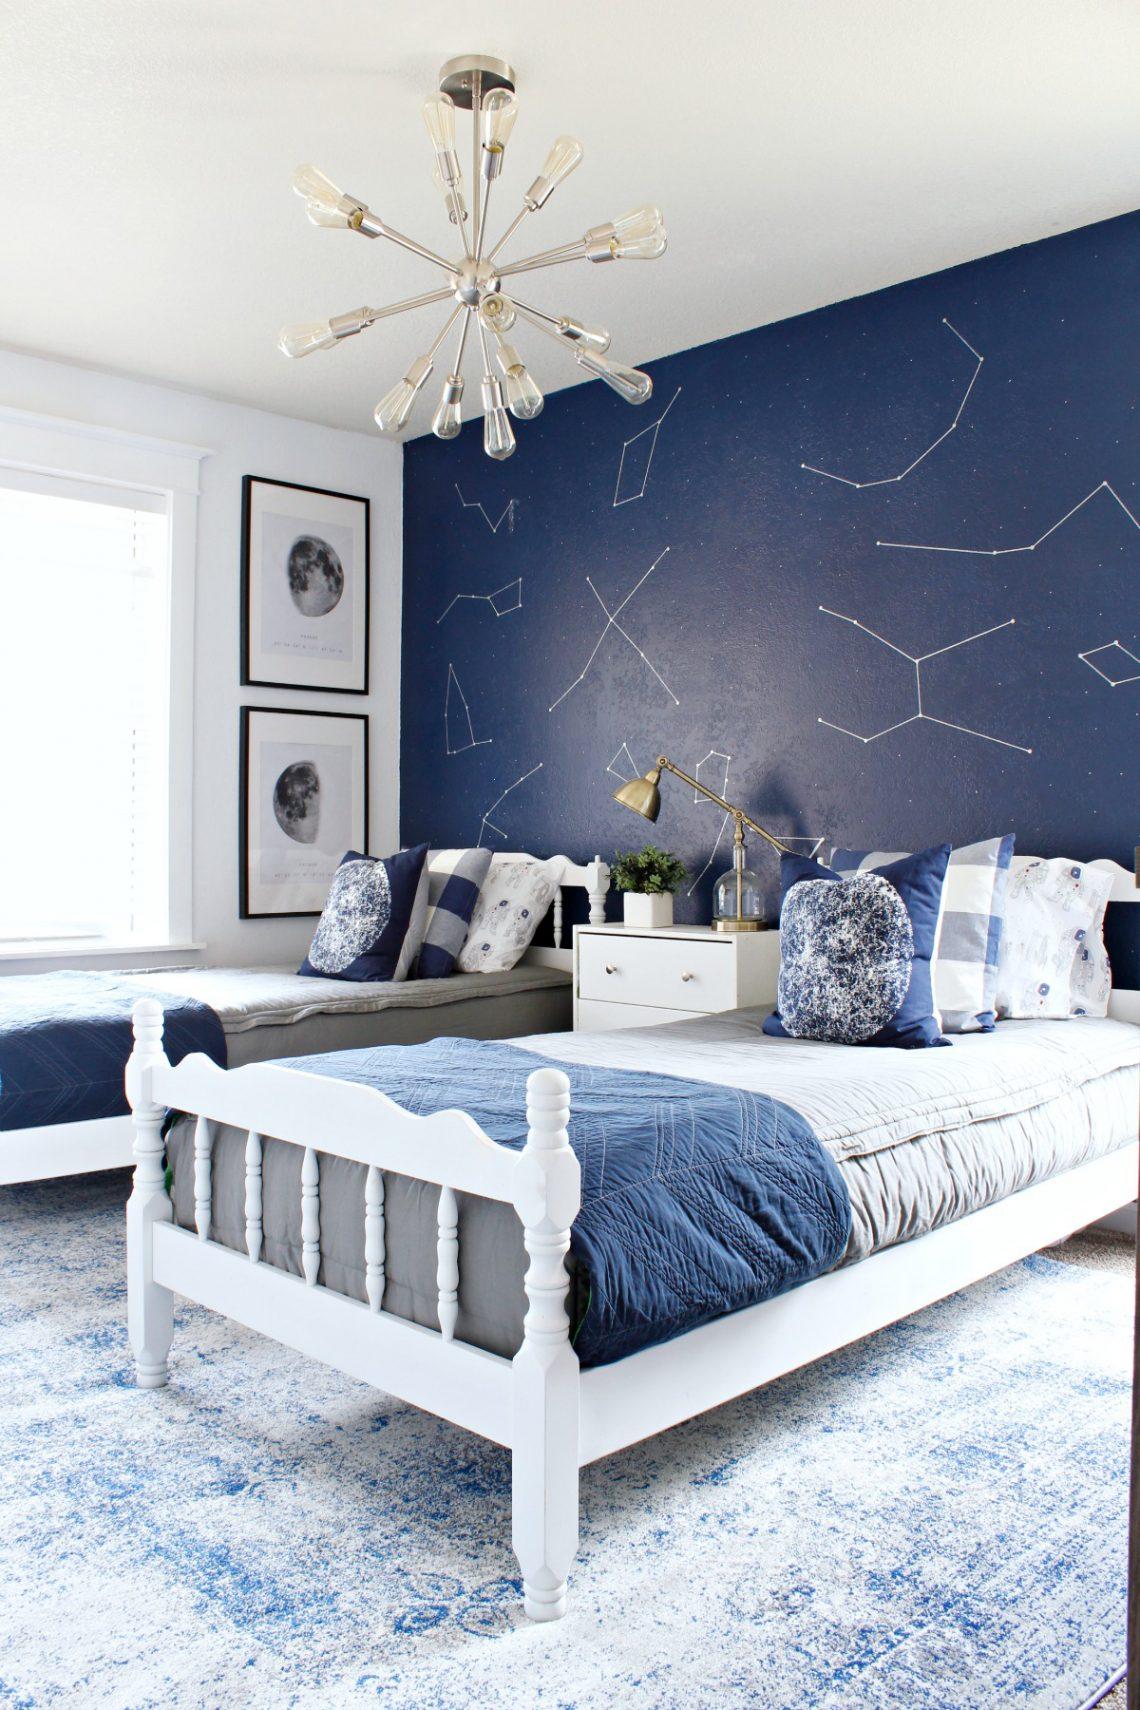 Дизайн детской комнаты для двух мальчиков со звездами